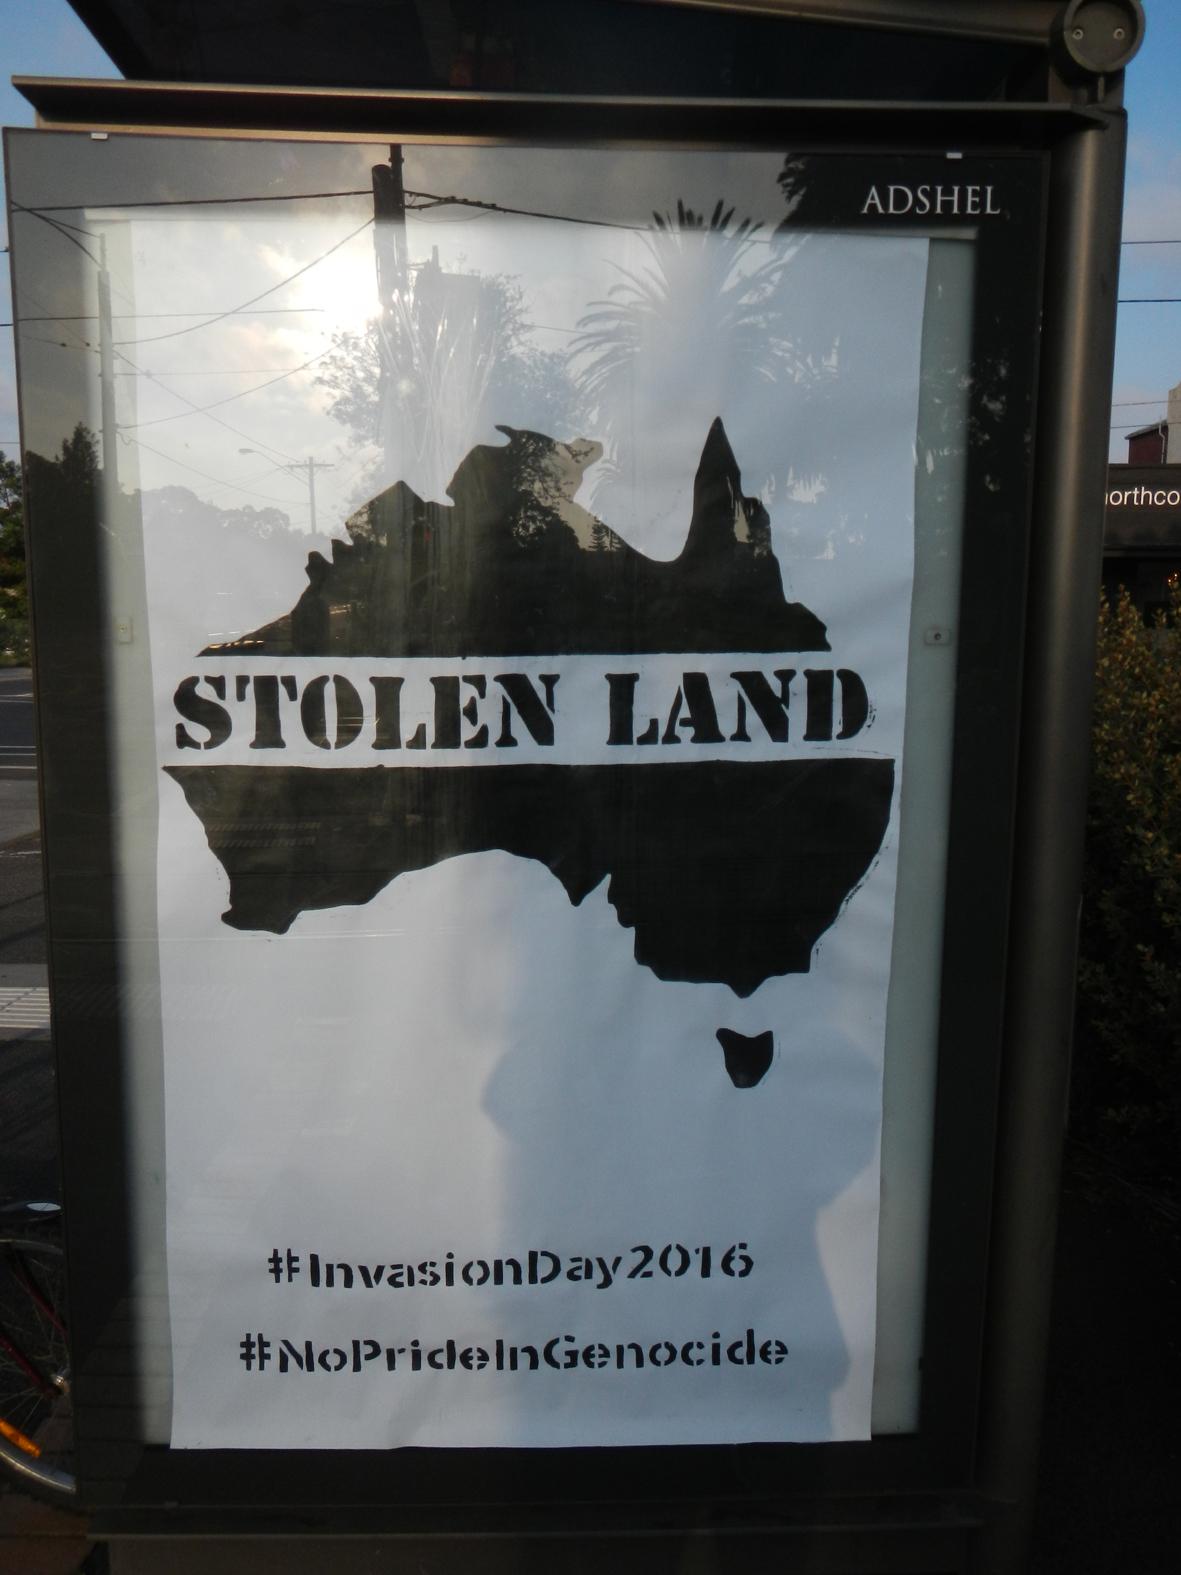 Public Ad Campaign Anti Australia Day Posters Graffiti Plastered Around Melbourne S Cbd Read More Http Www Theage Com Au Victoria Antiaustralia Day Posters Graffiti Plastered Around Melbournes Cbd 20160126 Gmdzw8 Html Ixzz46s2asw6d Follow Us